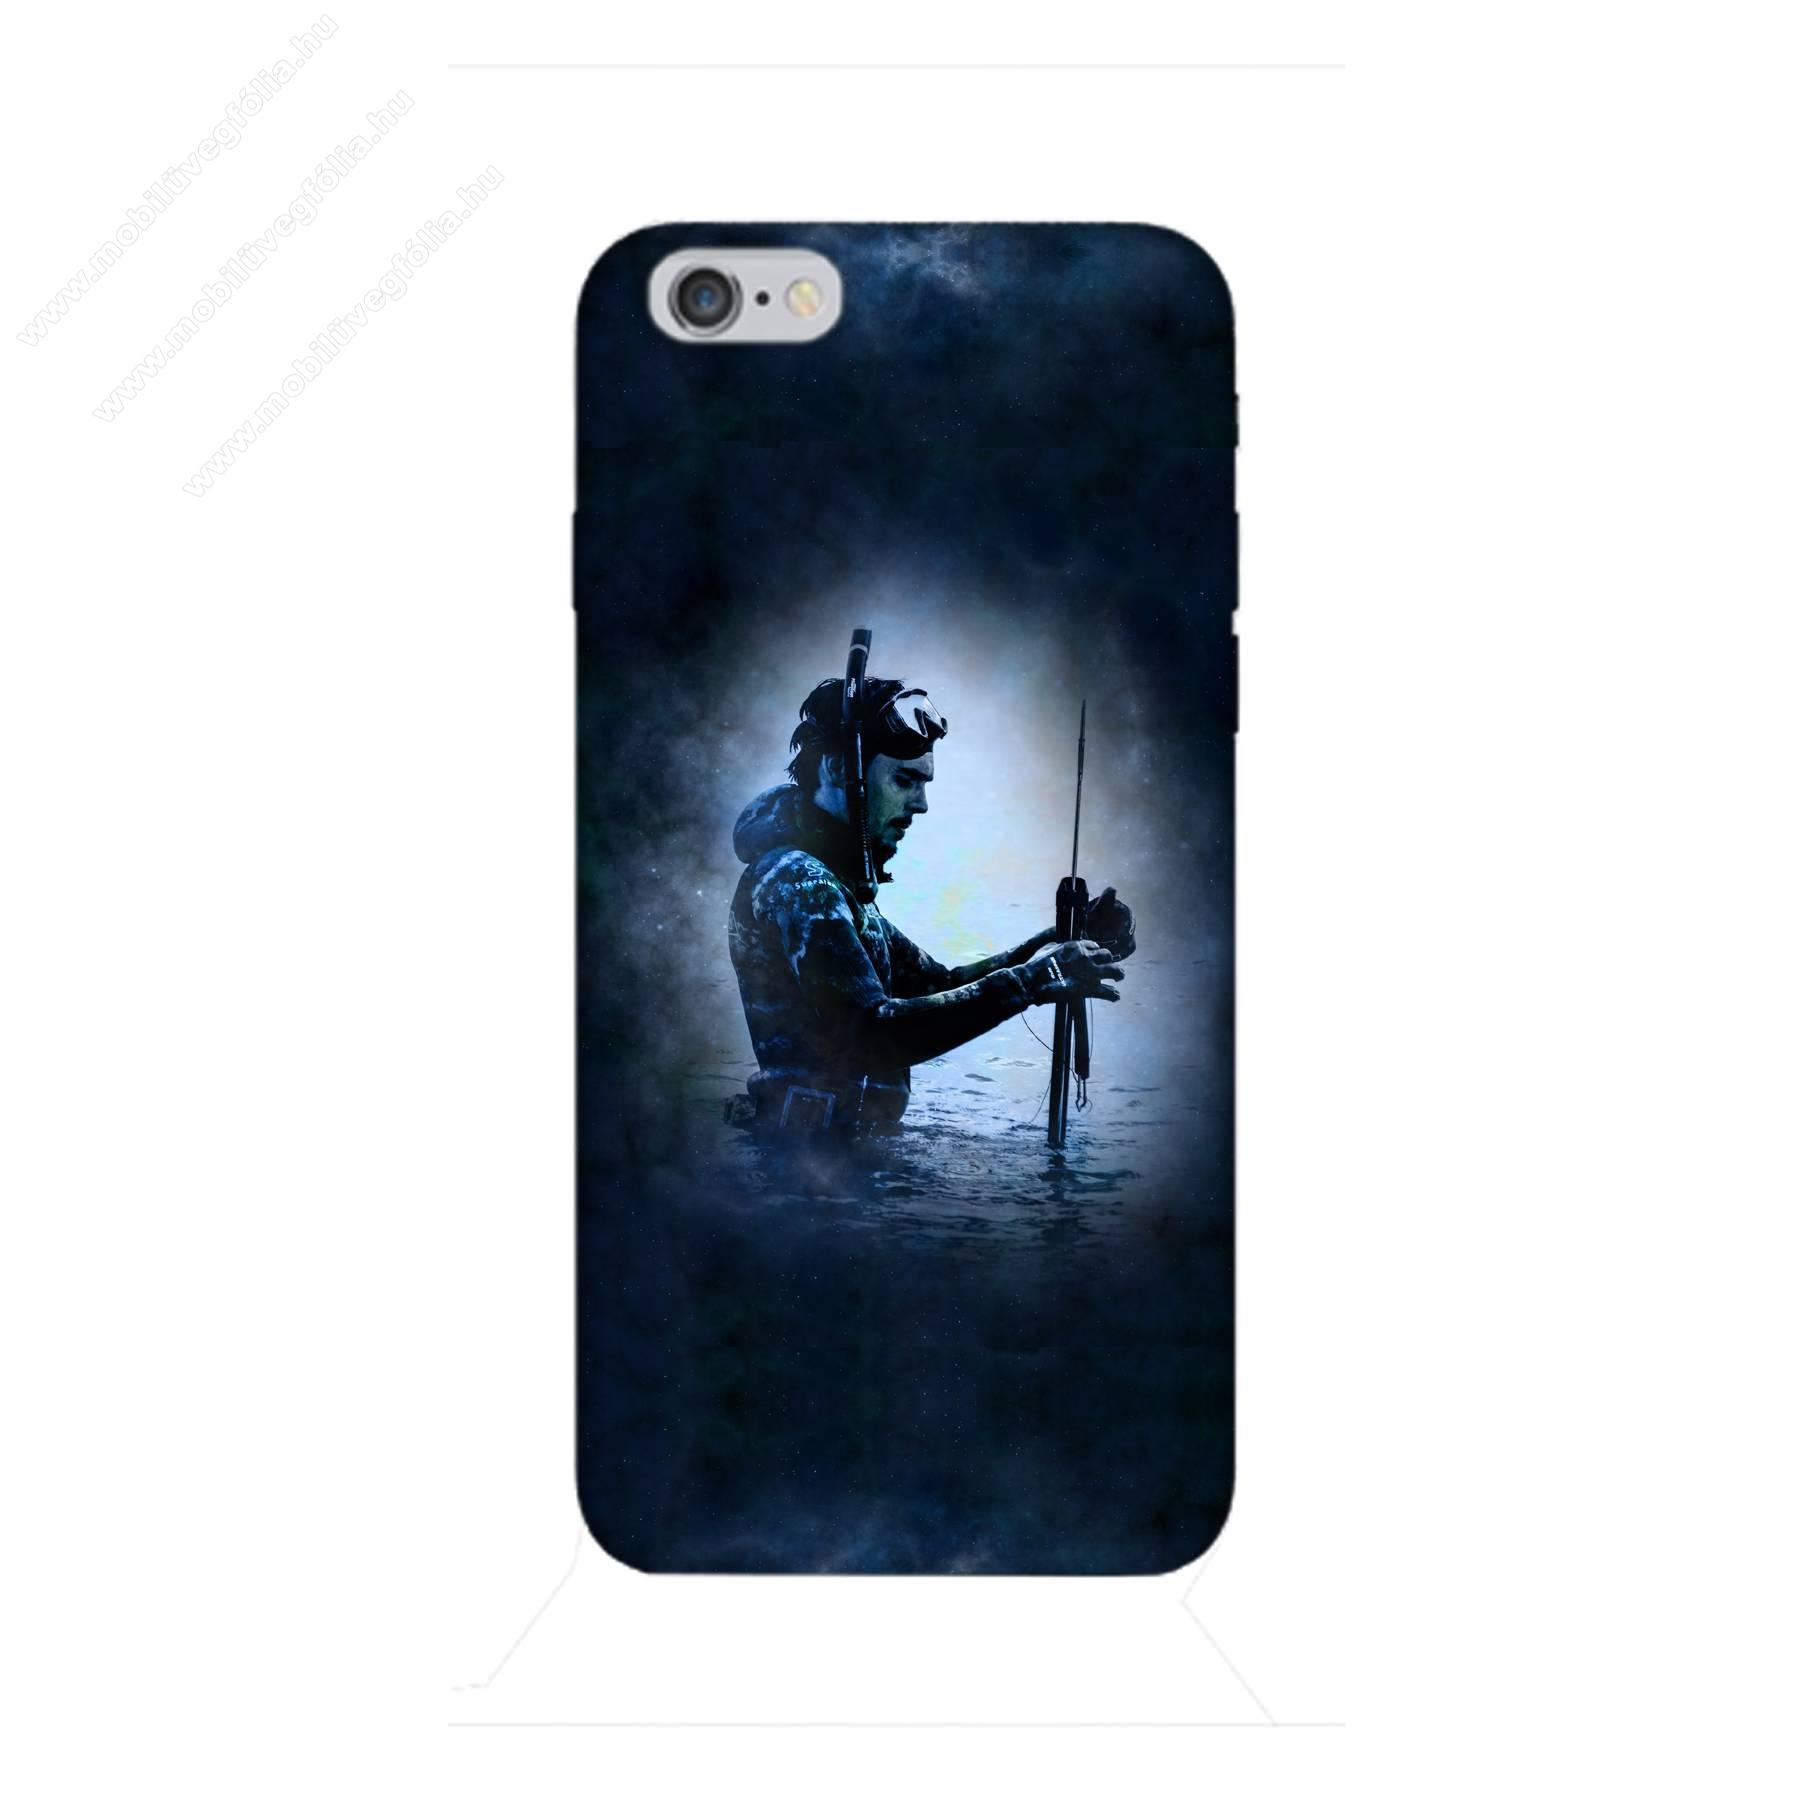 E-pic szilikon védő tok / hátlap - Horoszkóp, Szűz mintás - APPLE iPhone 6 / APPLE iPhone 6s